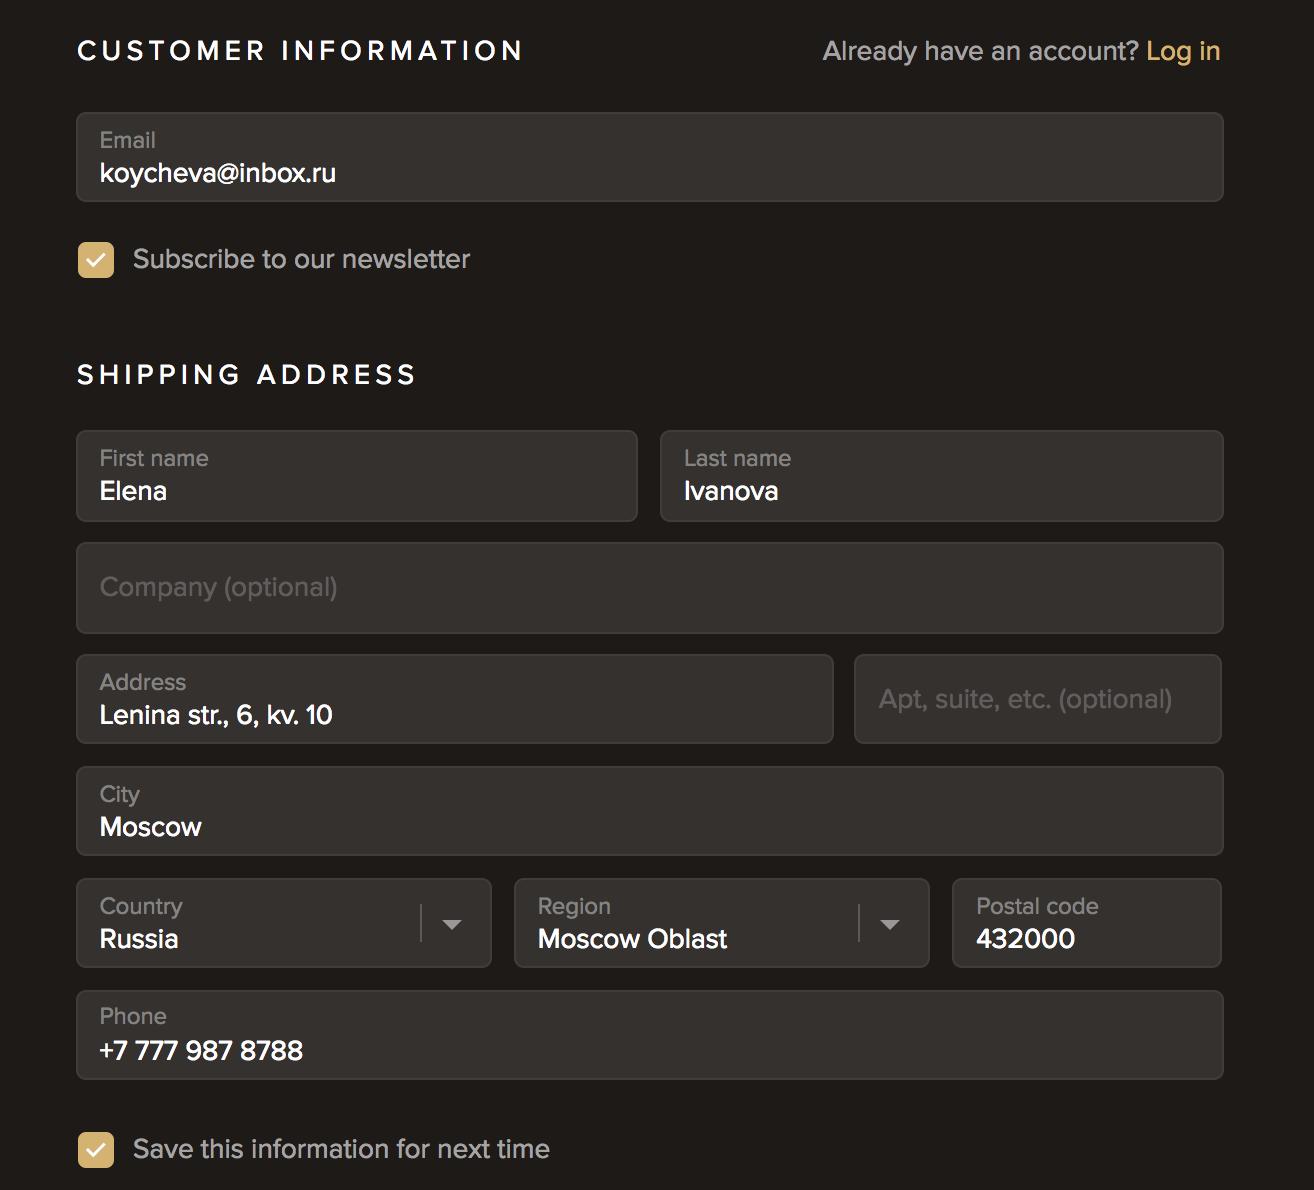 пример, как заполнять свой почтовый адрес в иностранных интернет-магазинах